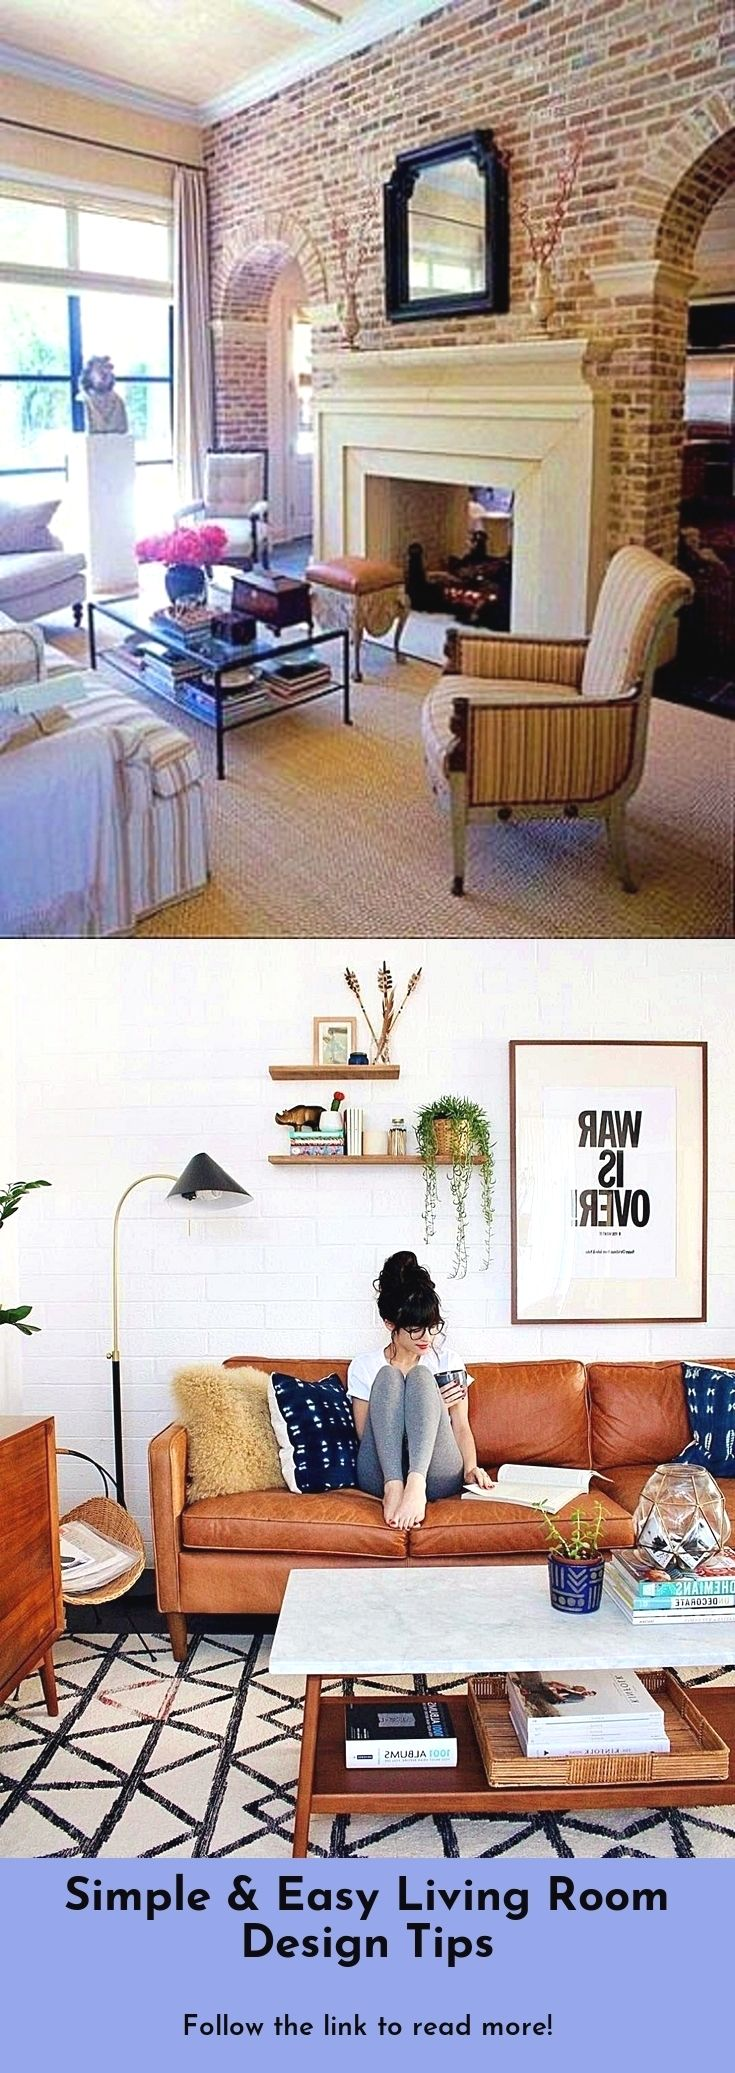 22++ Diy small living room ideas information